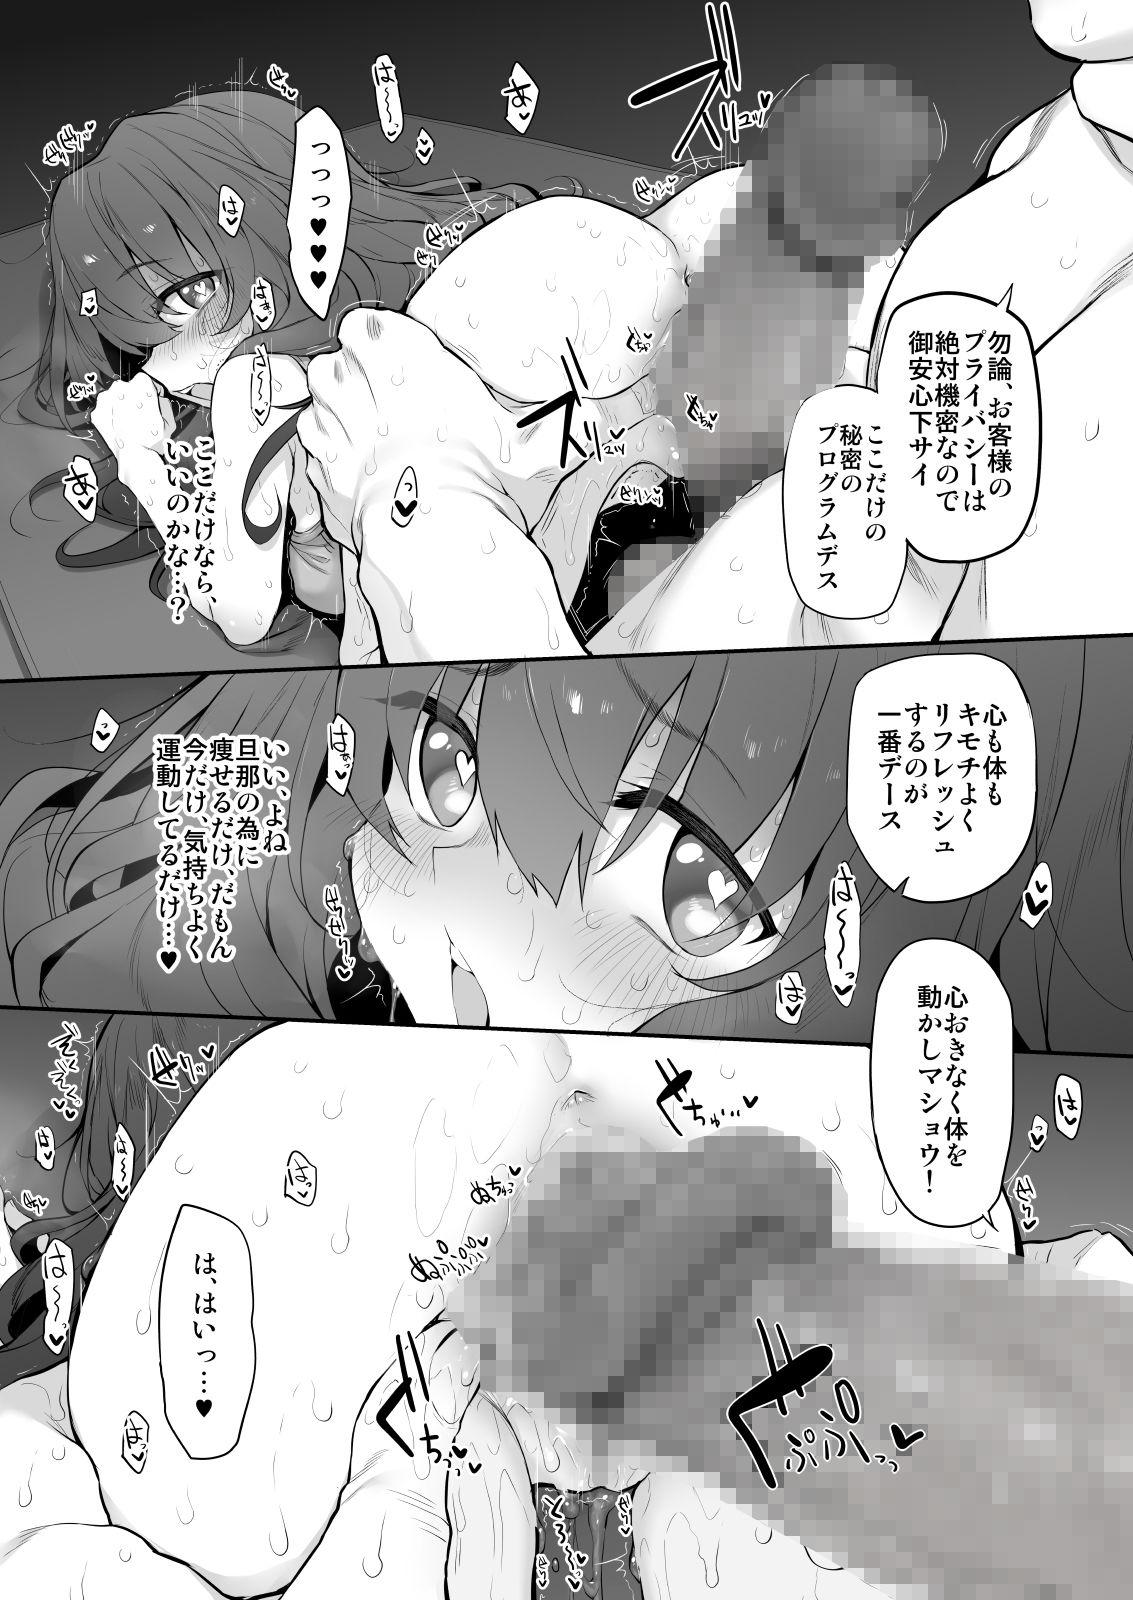 【エロ漫画】ヨガリツマ 人妻寝取られセックス Marked-girlsOrigin Vol.7「サークル:Marked-two」【同人誌・コミック】#4